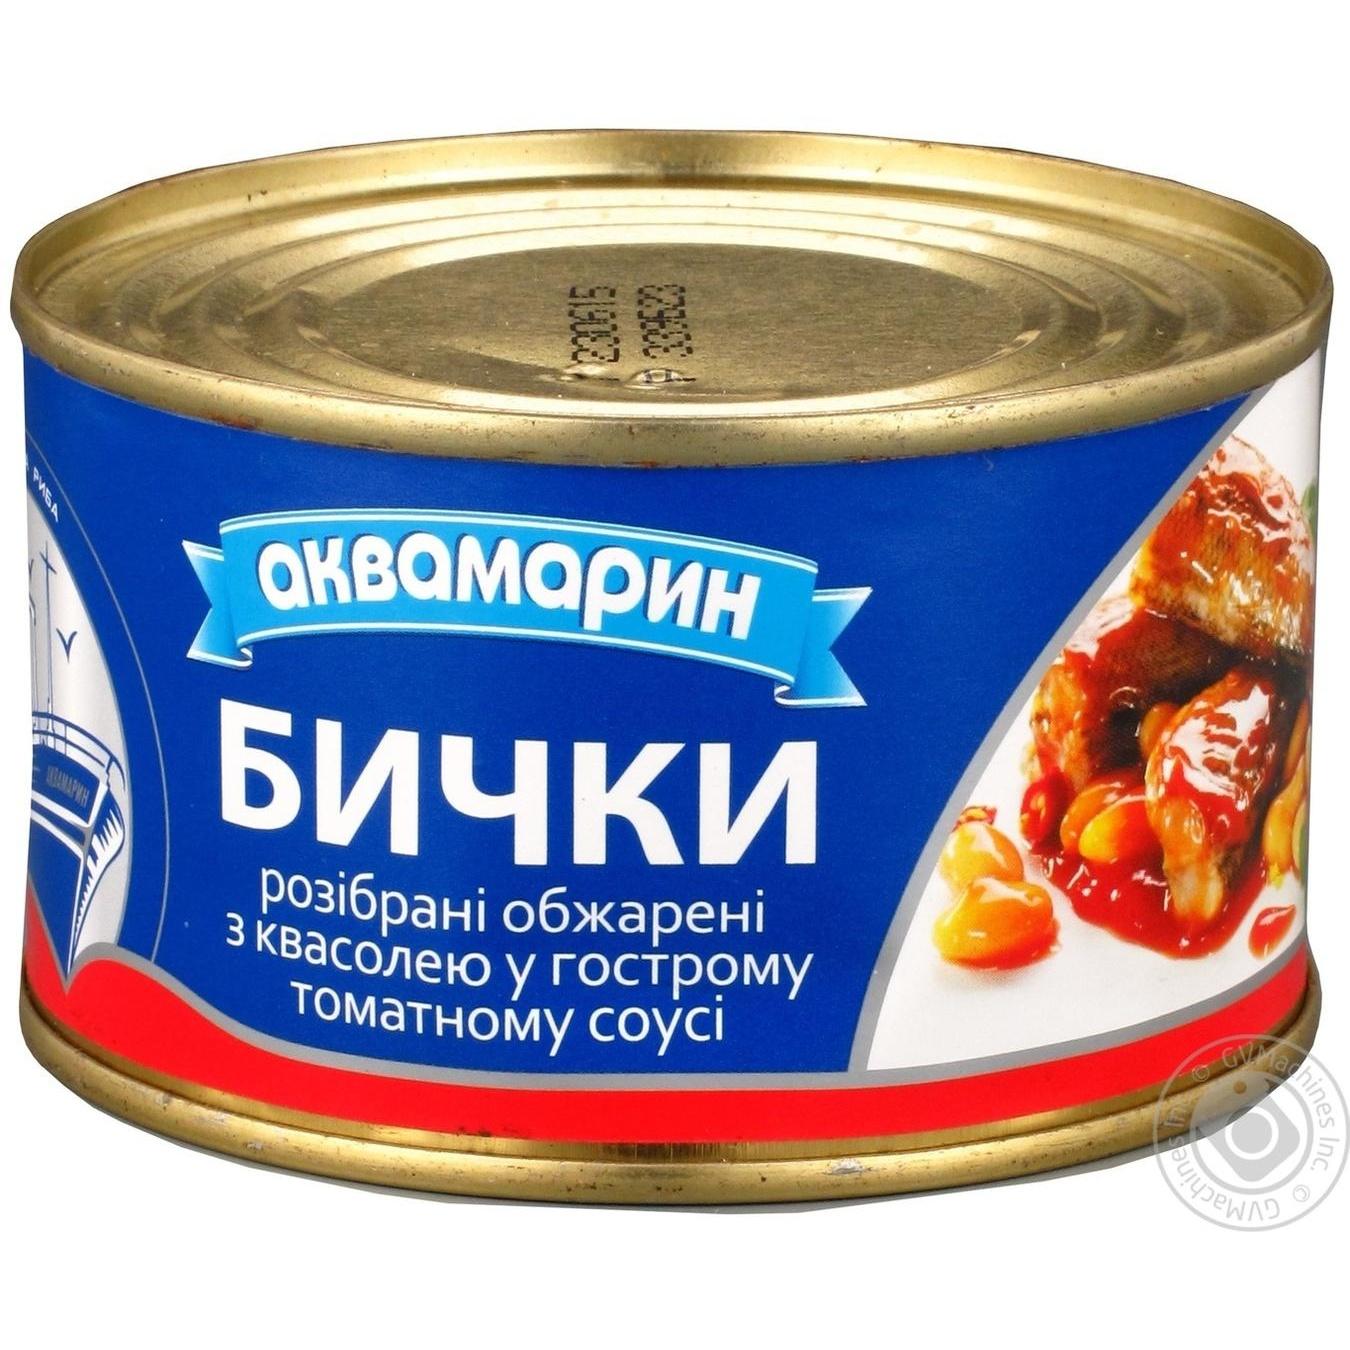 Бички Аквамарин обжарені з квасолею у гострому томатному соусі 230г